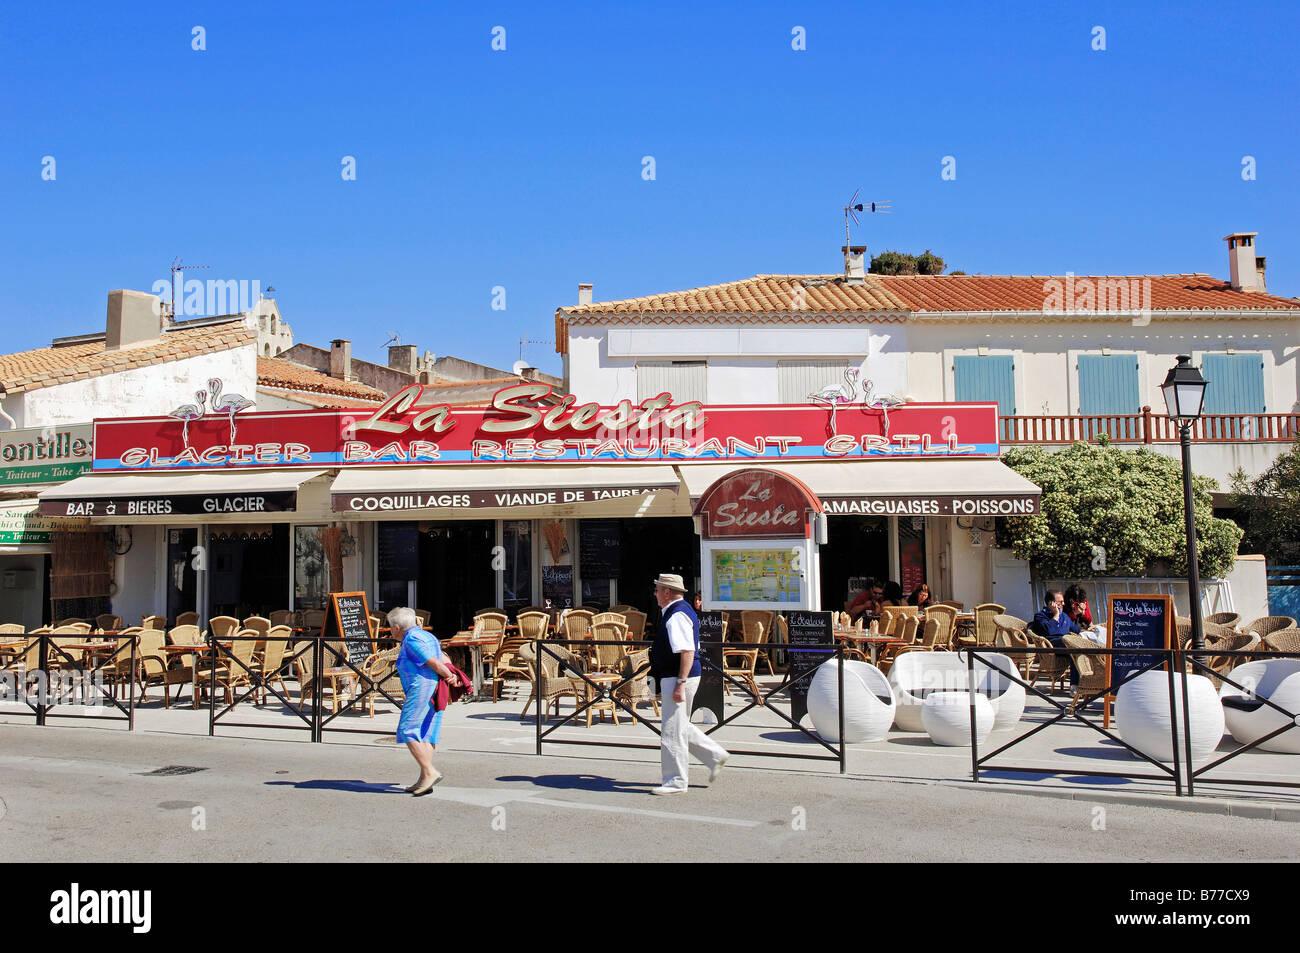 restaurant les saintes maries de la mer camargue bouches du rhone stock photo royalty free